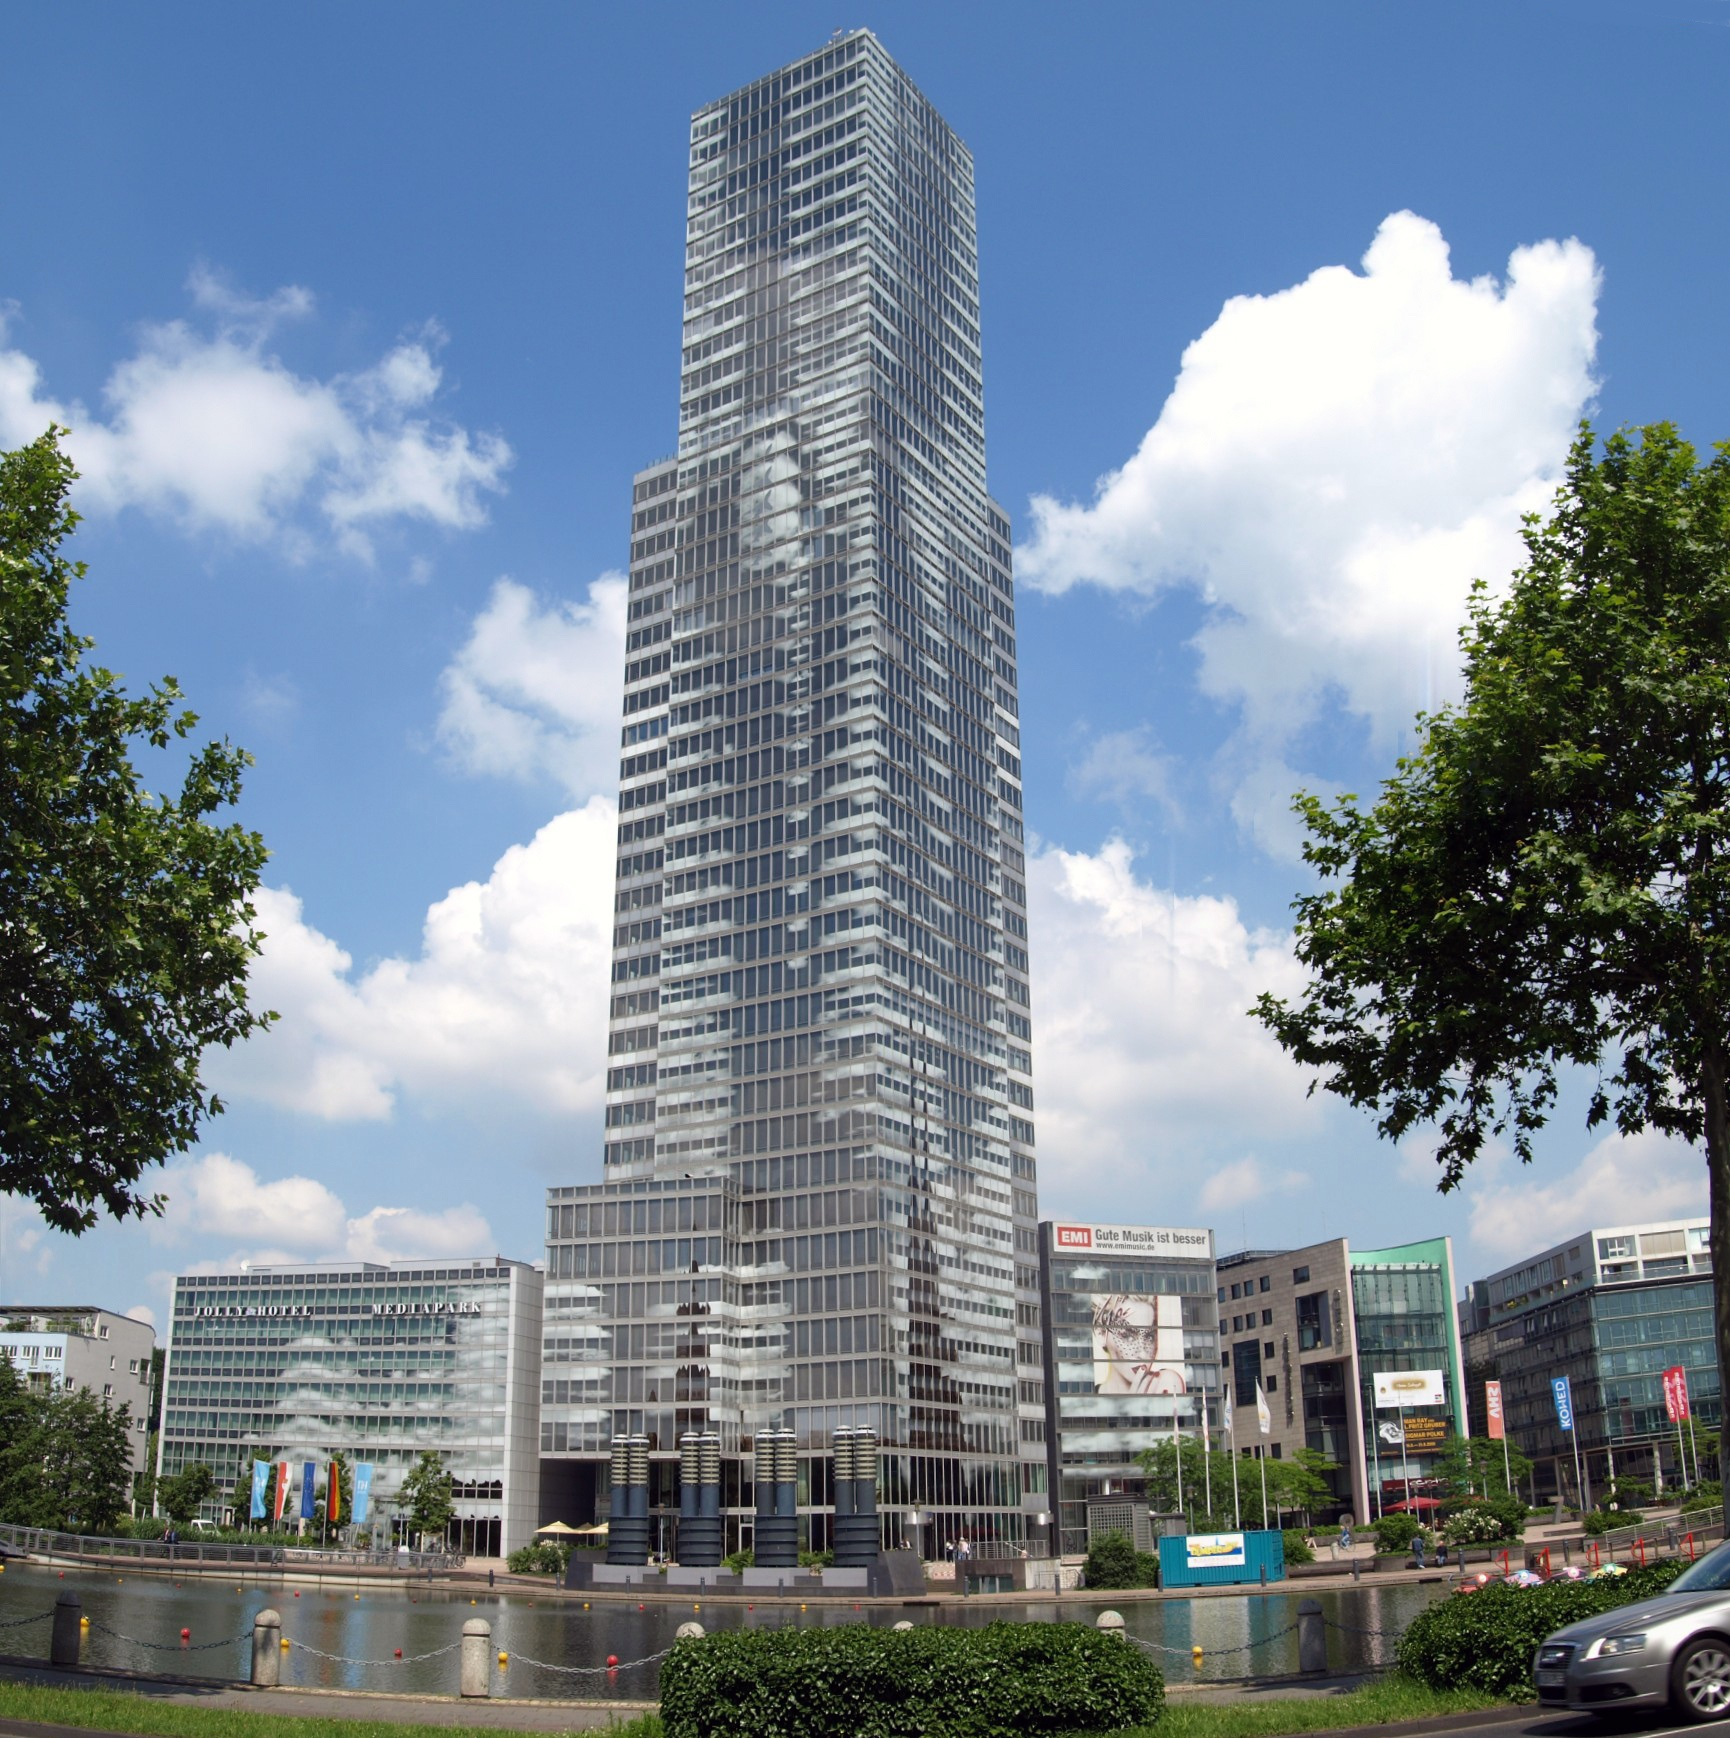 SMILE der Empfangsservice - Referenz Kölnturm